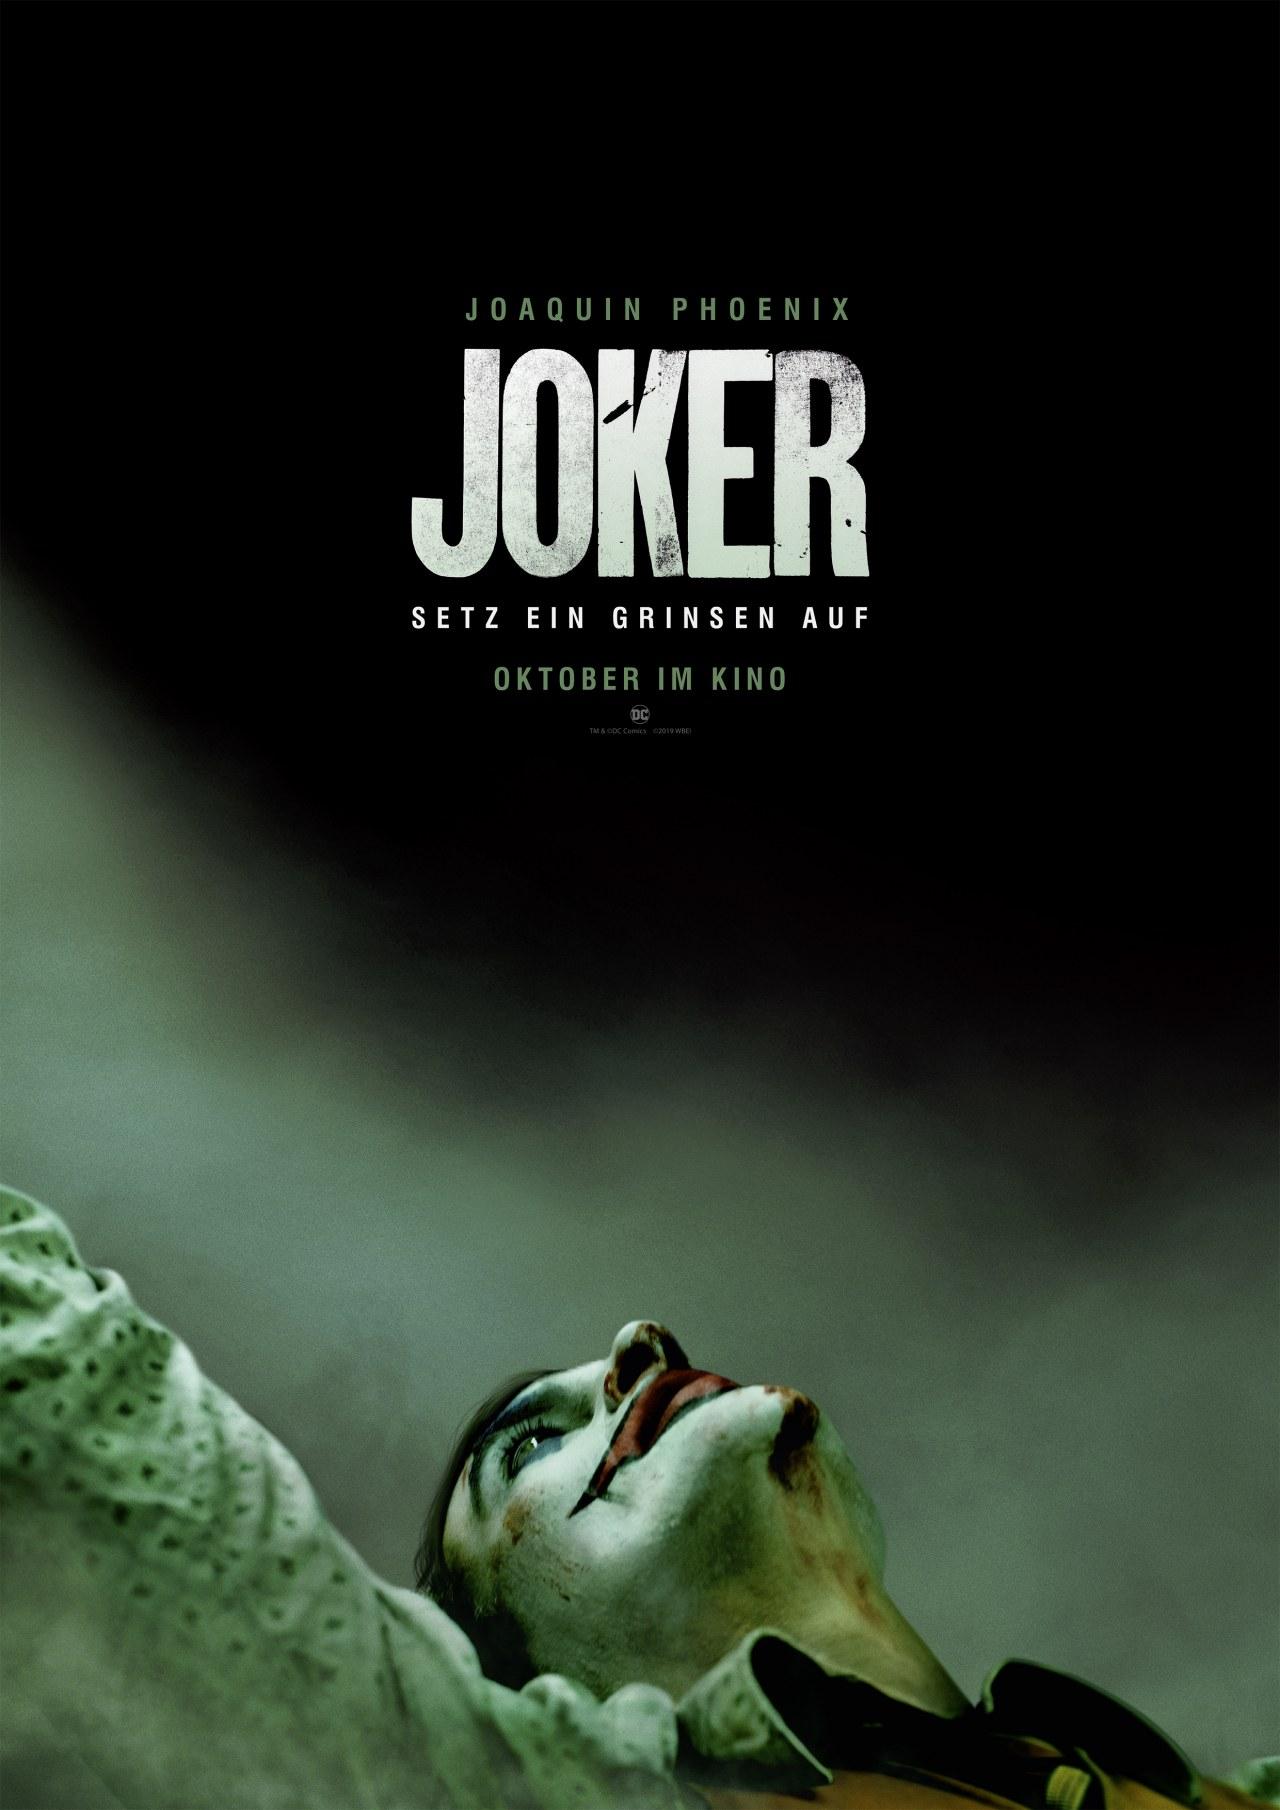 Joker - Bild 1